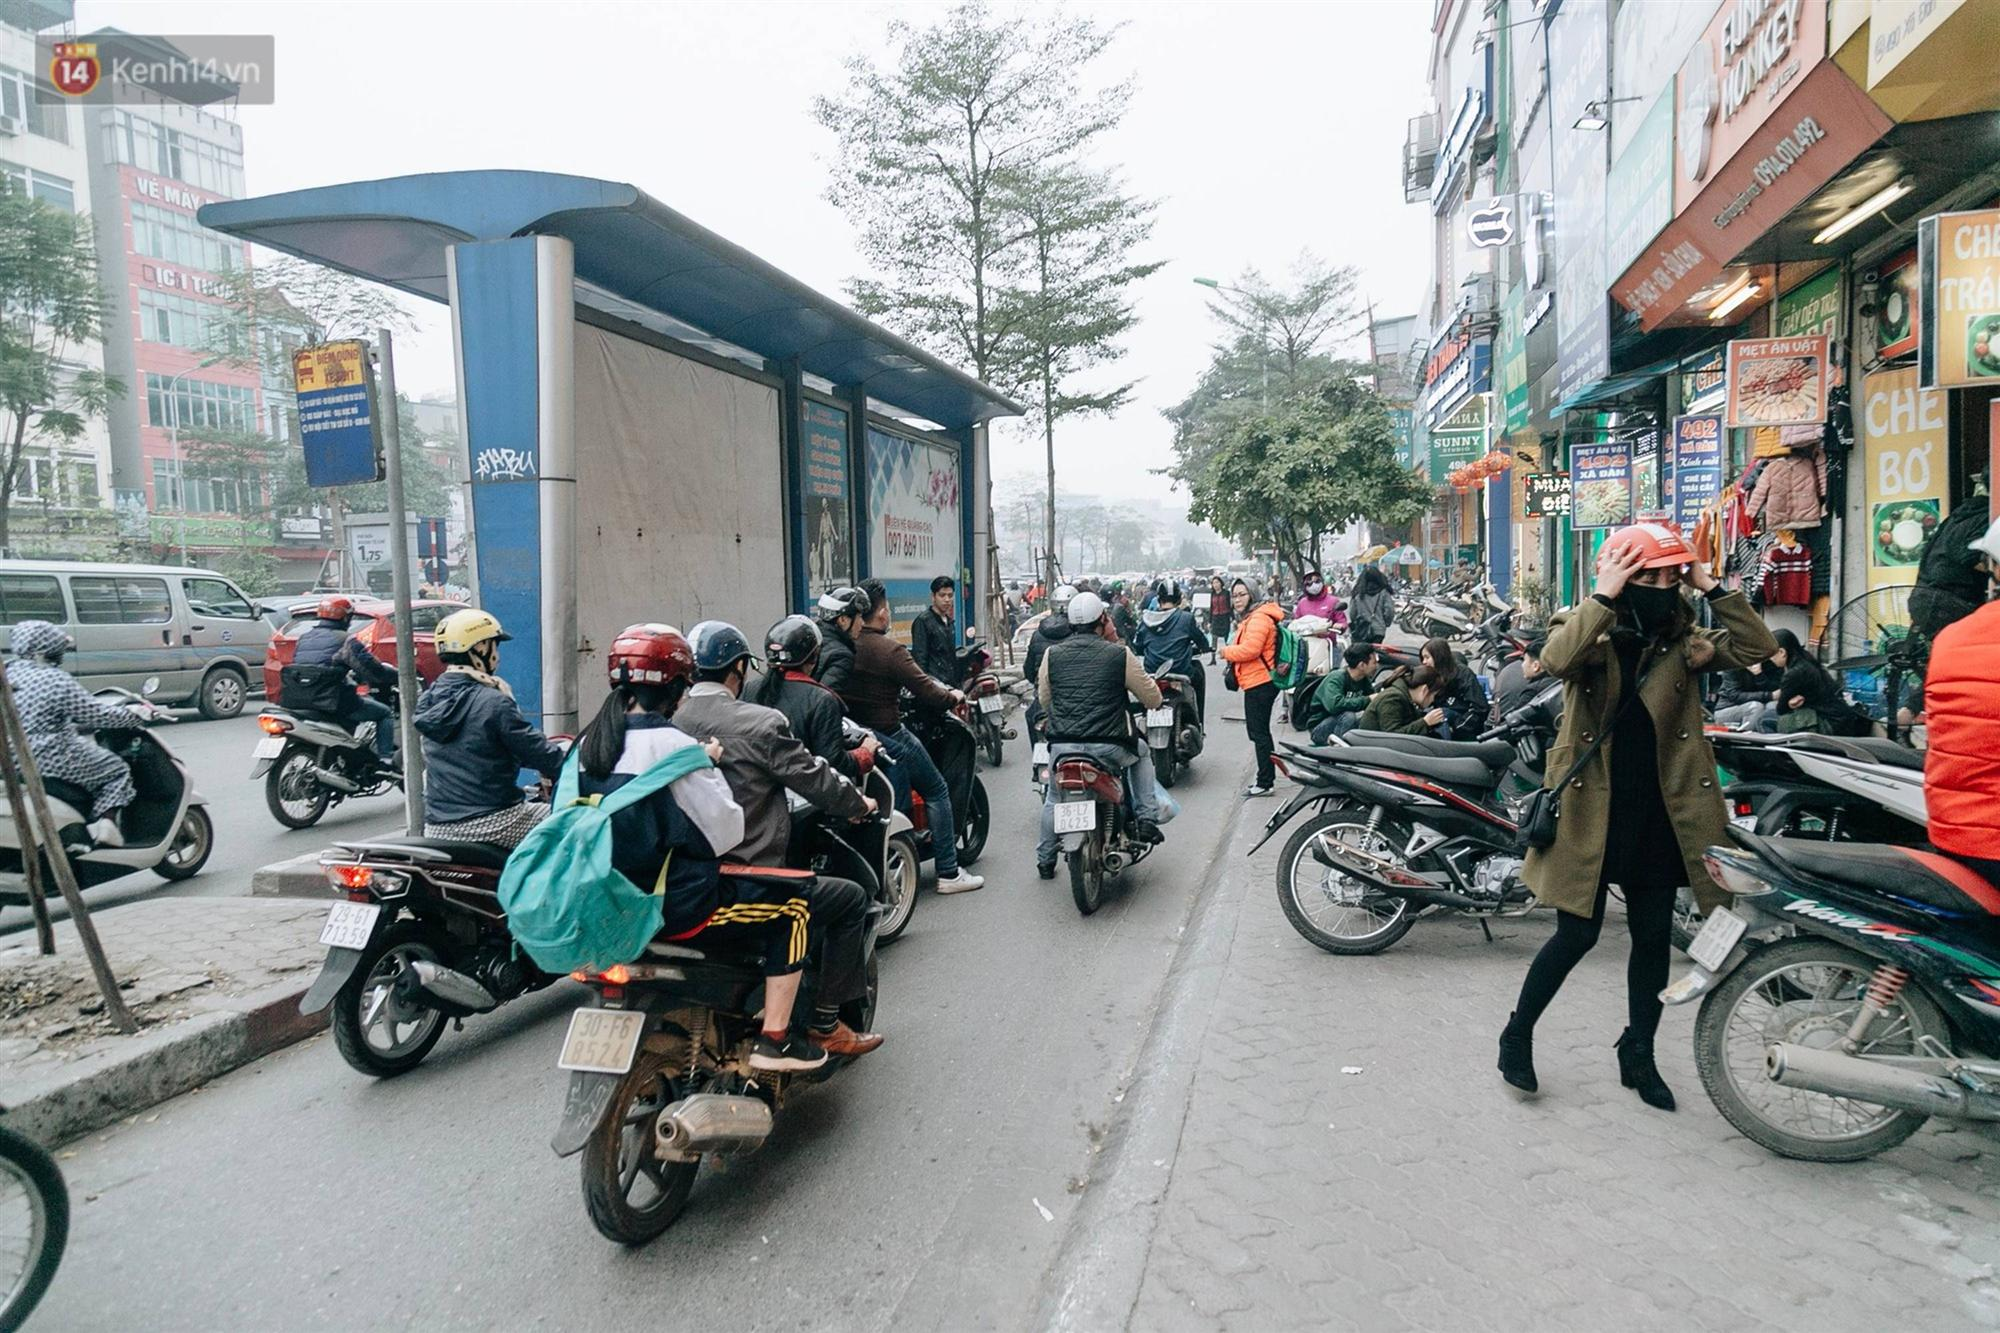 Chùm ảnh: Từ 3h chiều, đường phố Hà Nội ùn tắc không lối thoát ngày giáp Tết-4